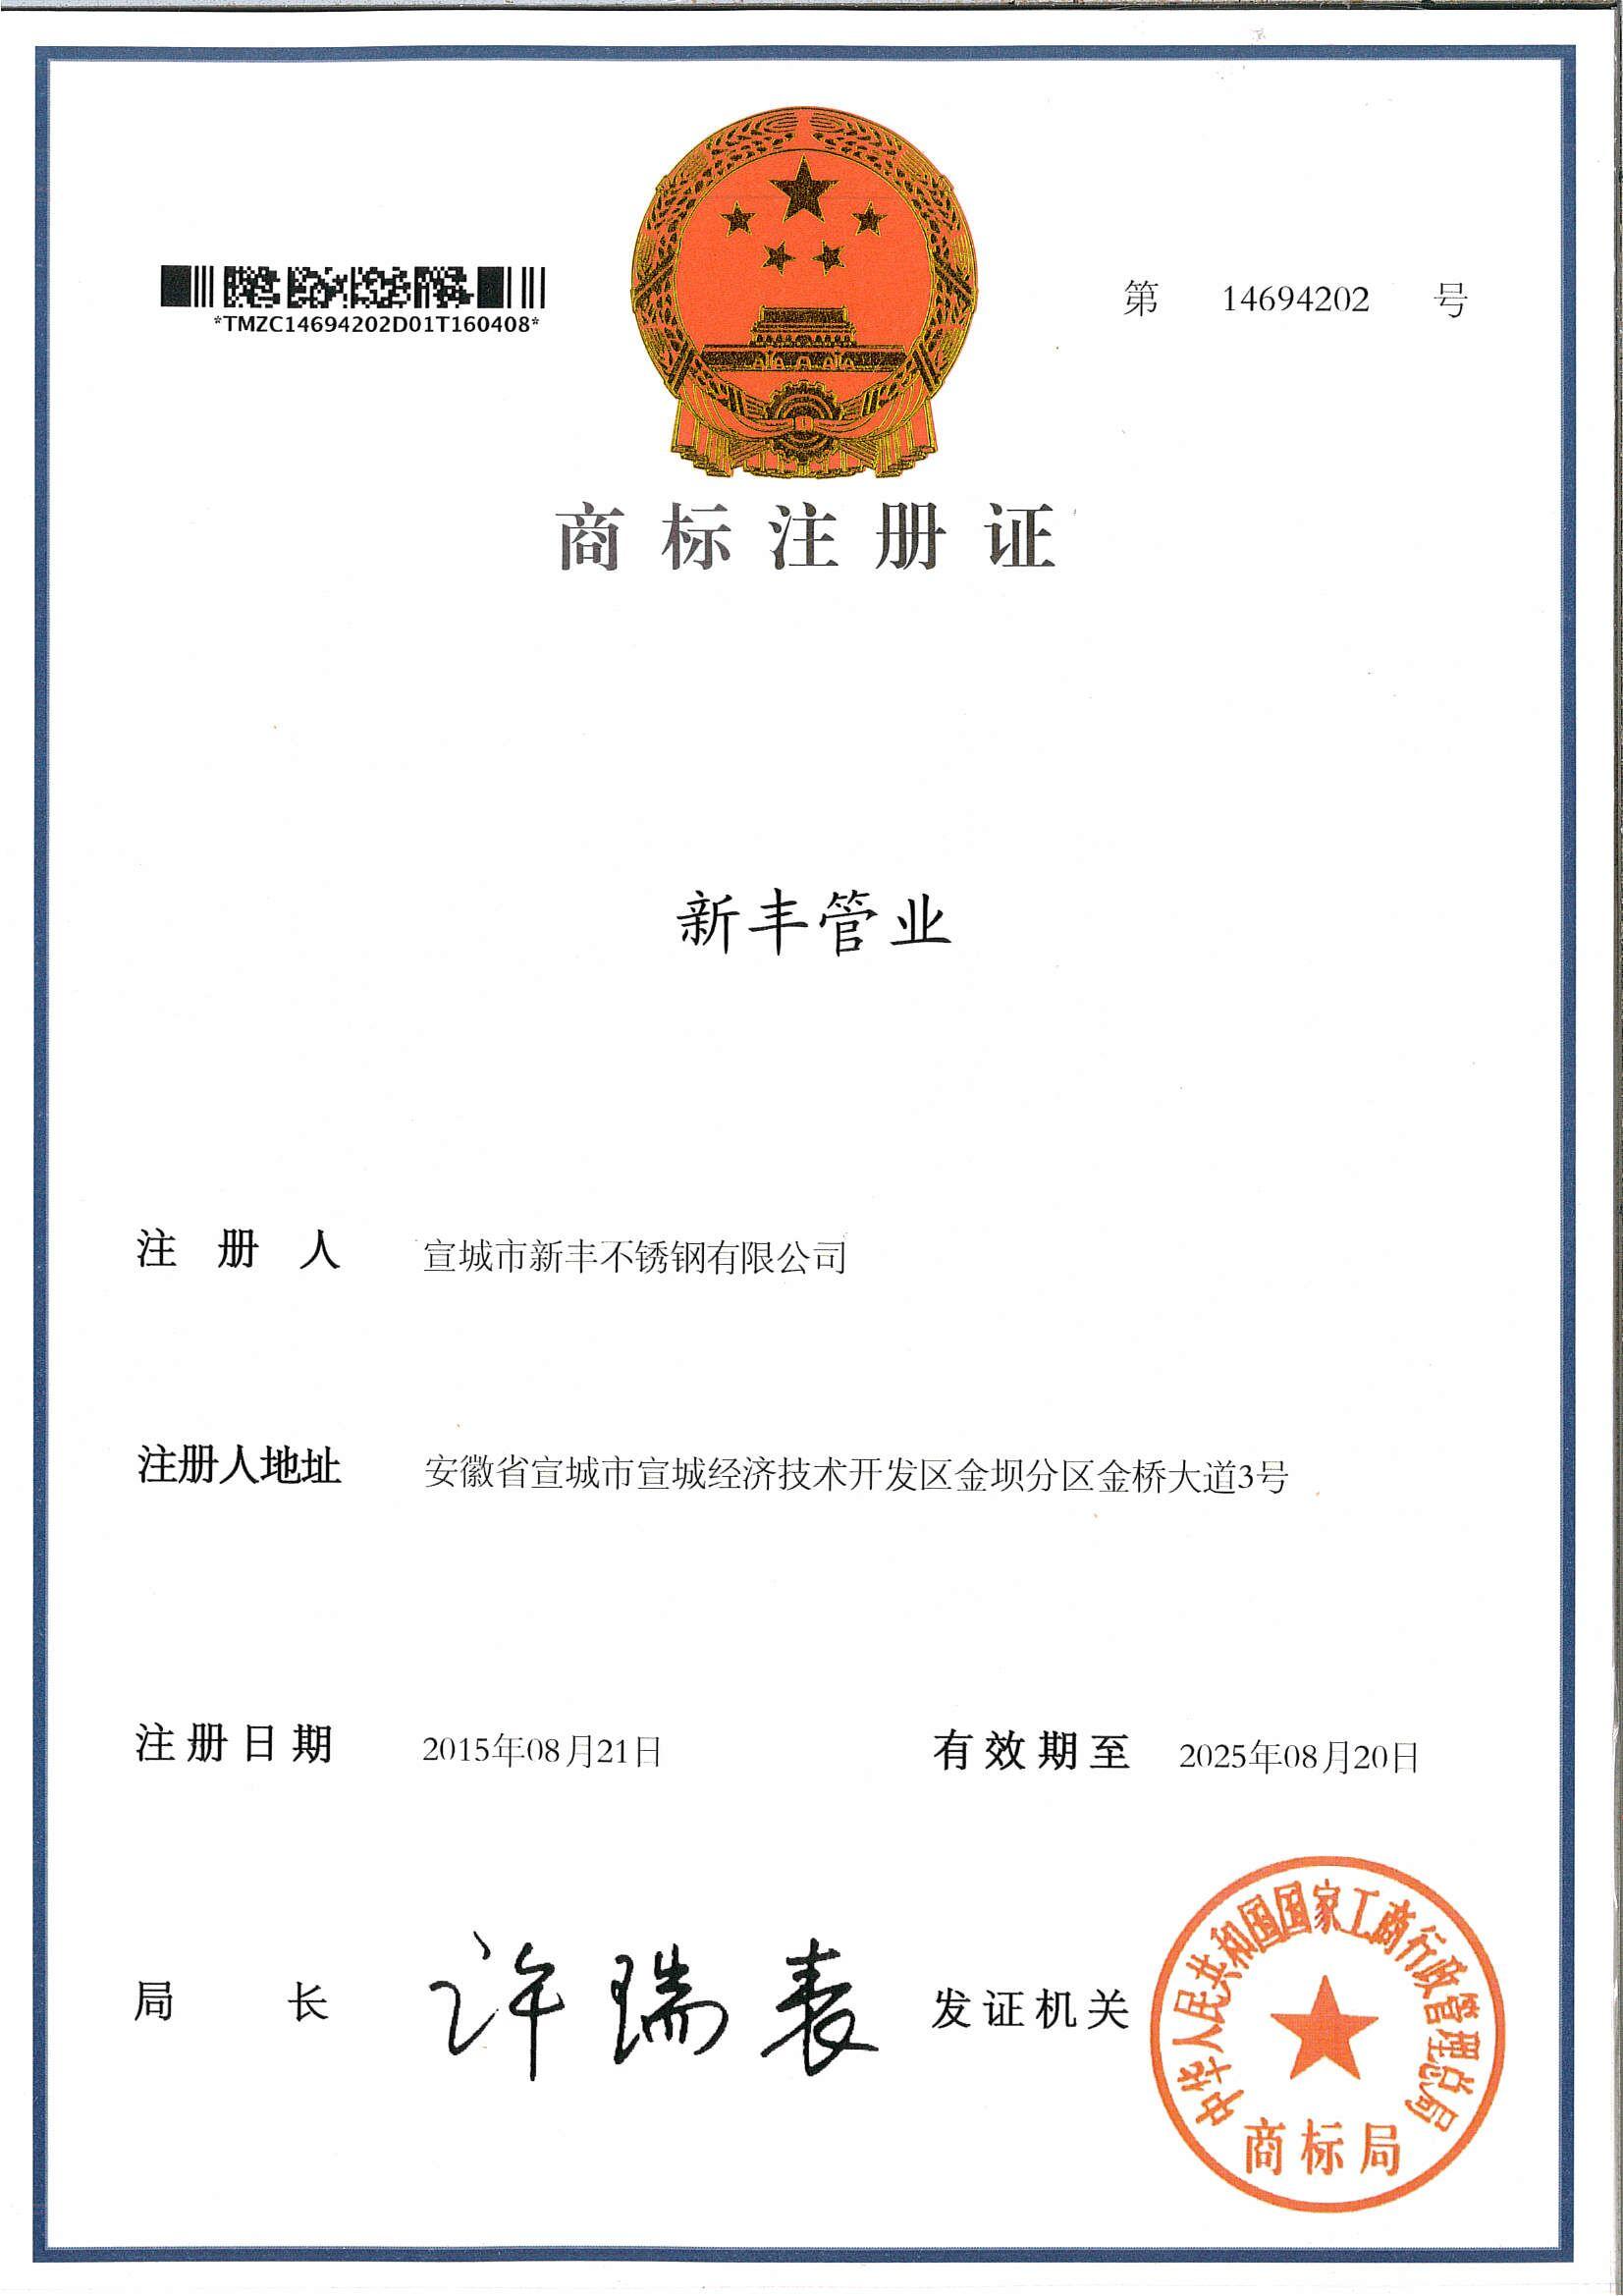 ballbet登录管业商标注册